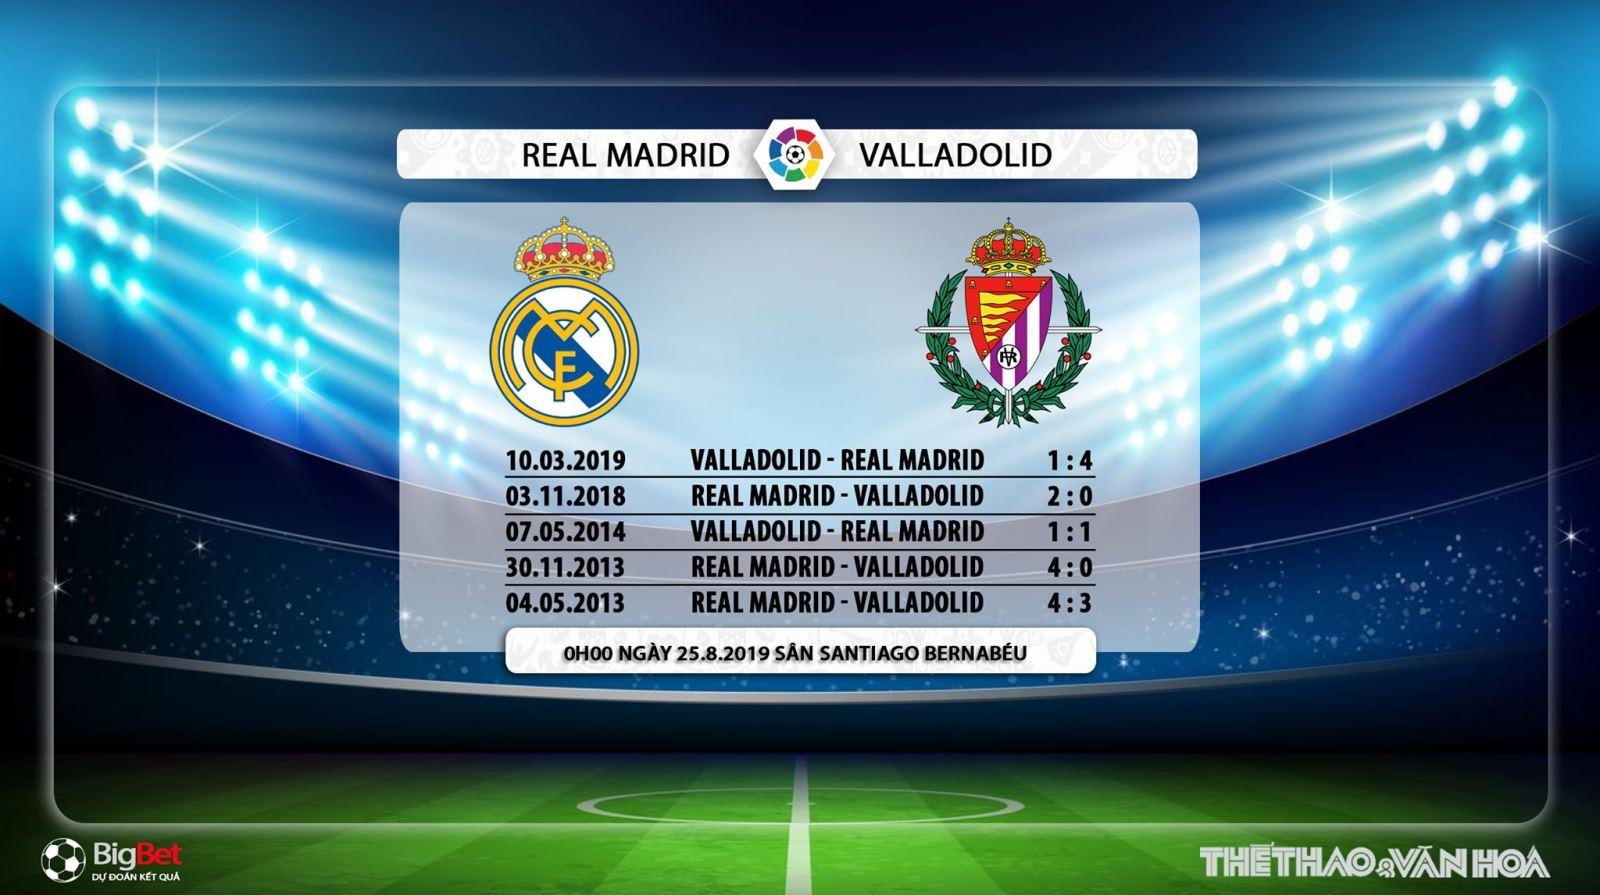 truc tiep bong da hôm nay, Real Madrid vs Valladolid, trực tiếp bóng đá, Real Madrid đấu với Valladolid, V League, Real Madrid, xem trực tuyến, VTV6, thể thao TV, BĐTV, FPT Play